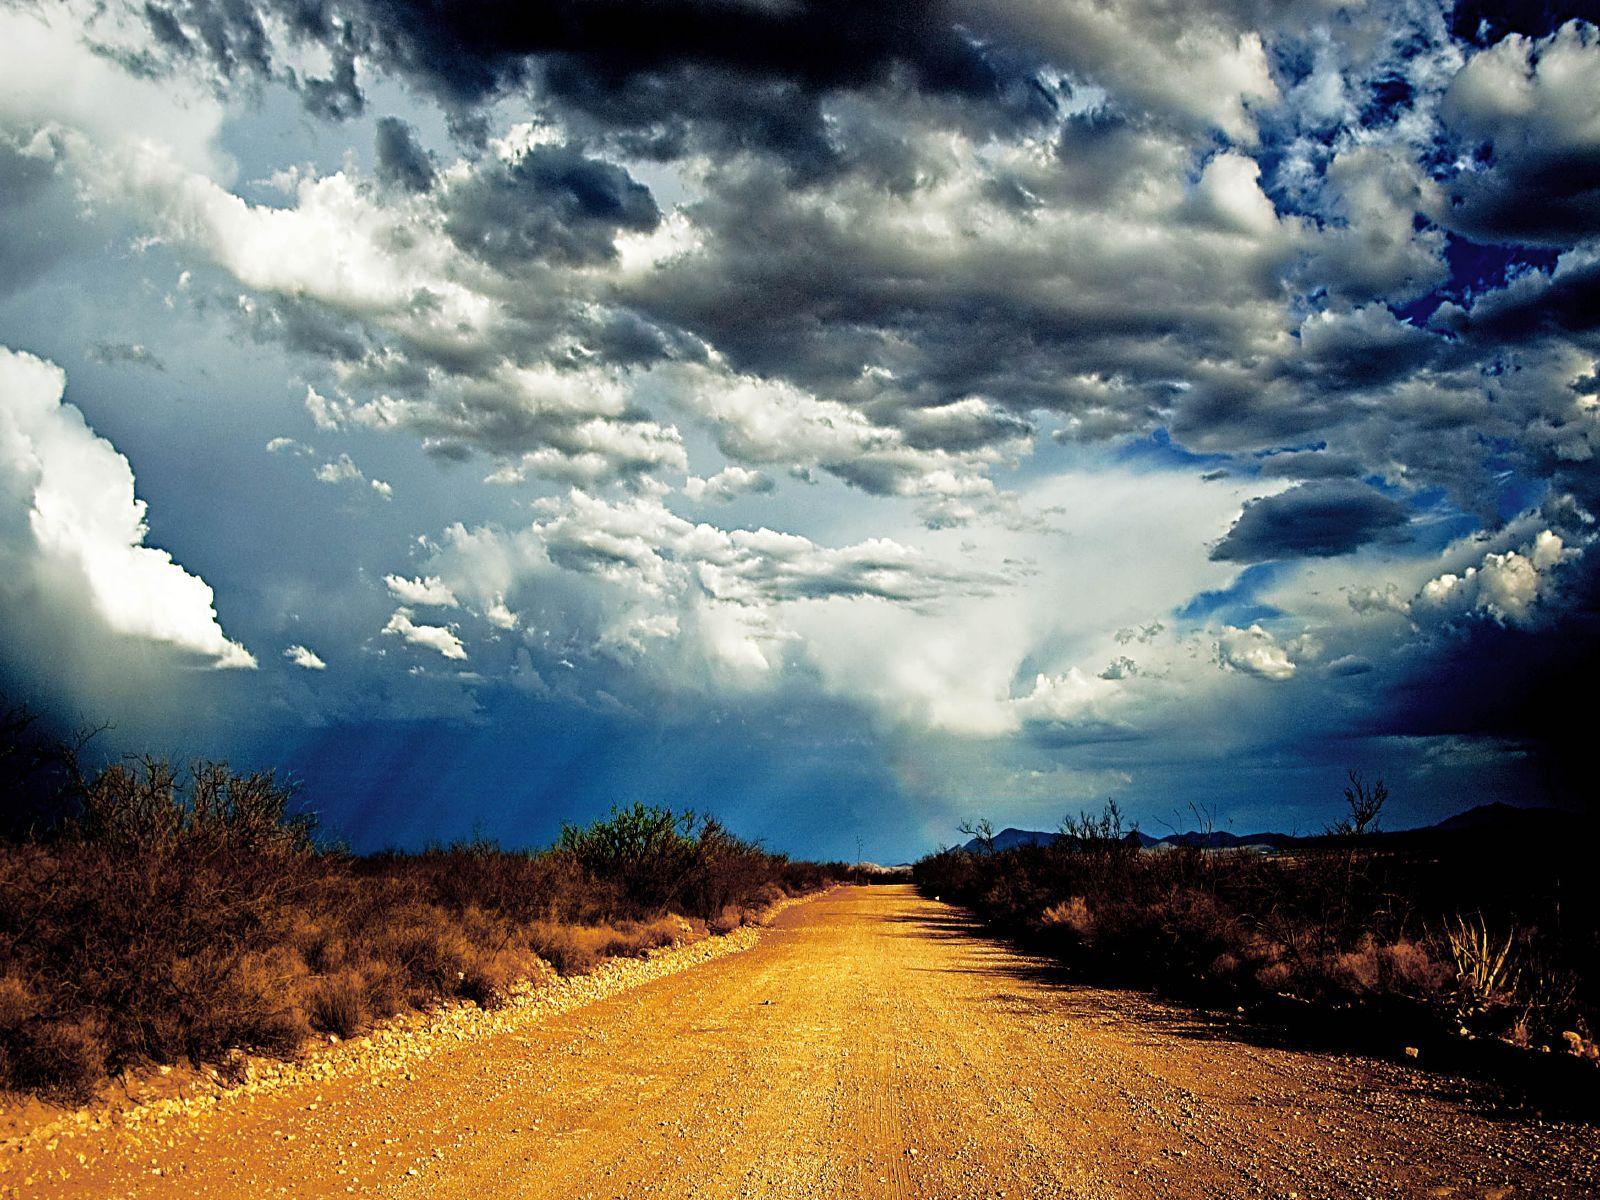 10009 скачать обои Пейзаж, Небо, Дороги, Облака - заставки и картинки бесплатно